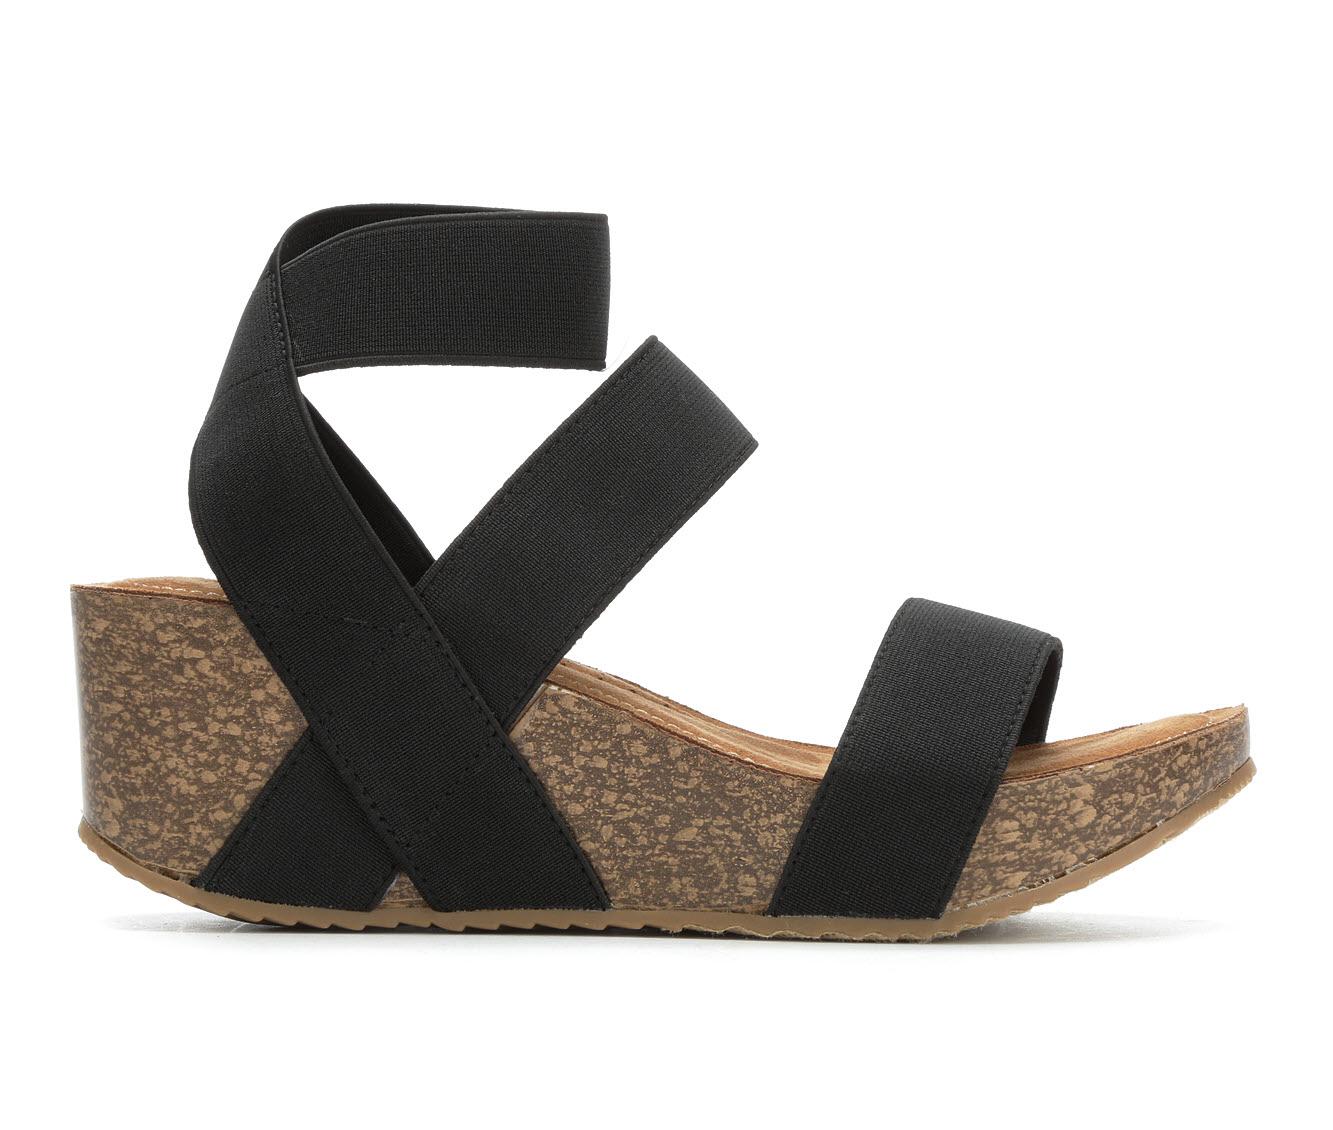 Madden Girl Zoeyy Women's Sandal (Black Canvas)